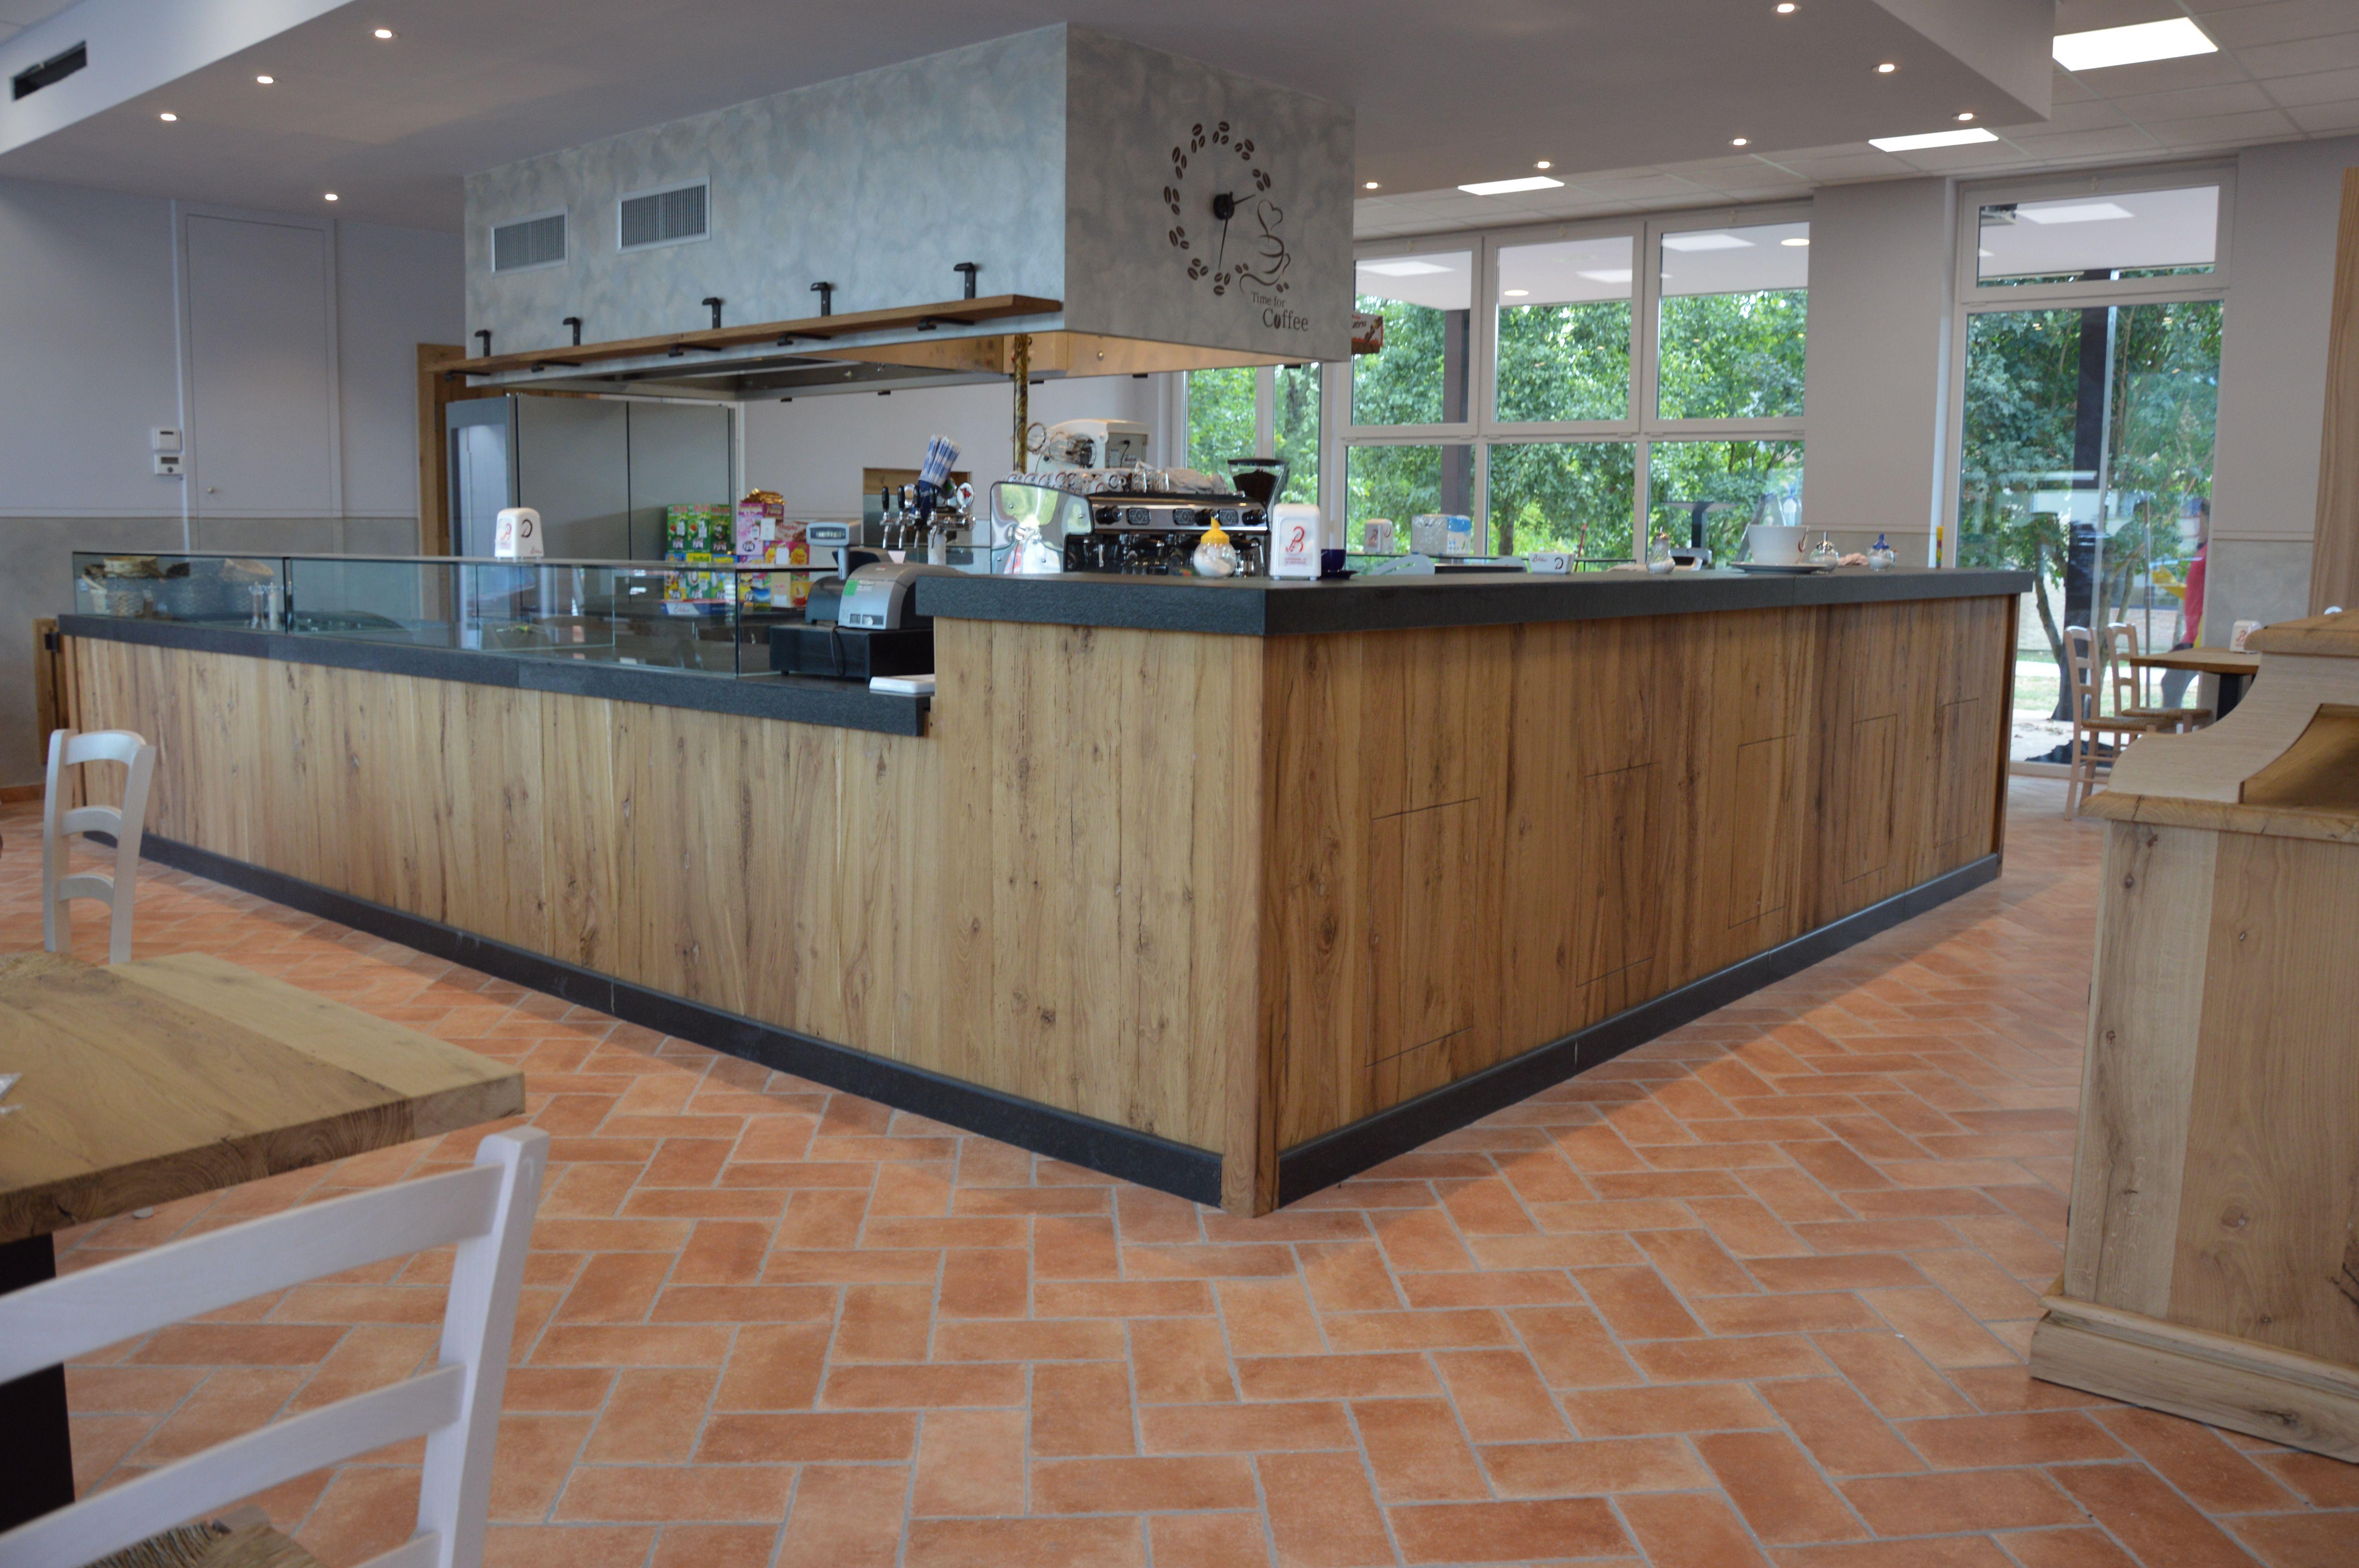 Bancone In Legno Costruito Artigianalmente : Falegnameria bensi..banco bar ristorante in rovere antico di